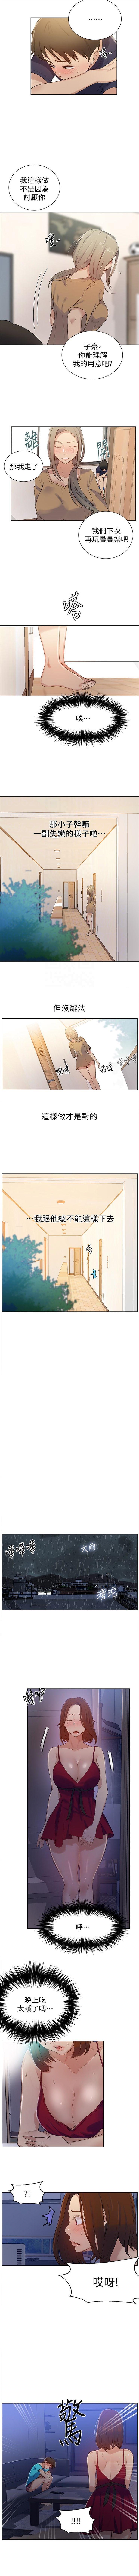 (週6)秘密教學  1-35 中文翻譯 (更新中) 124